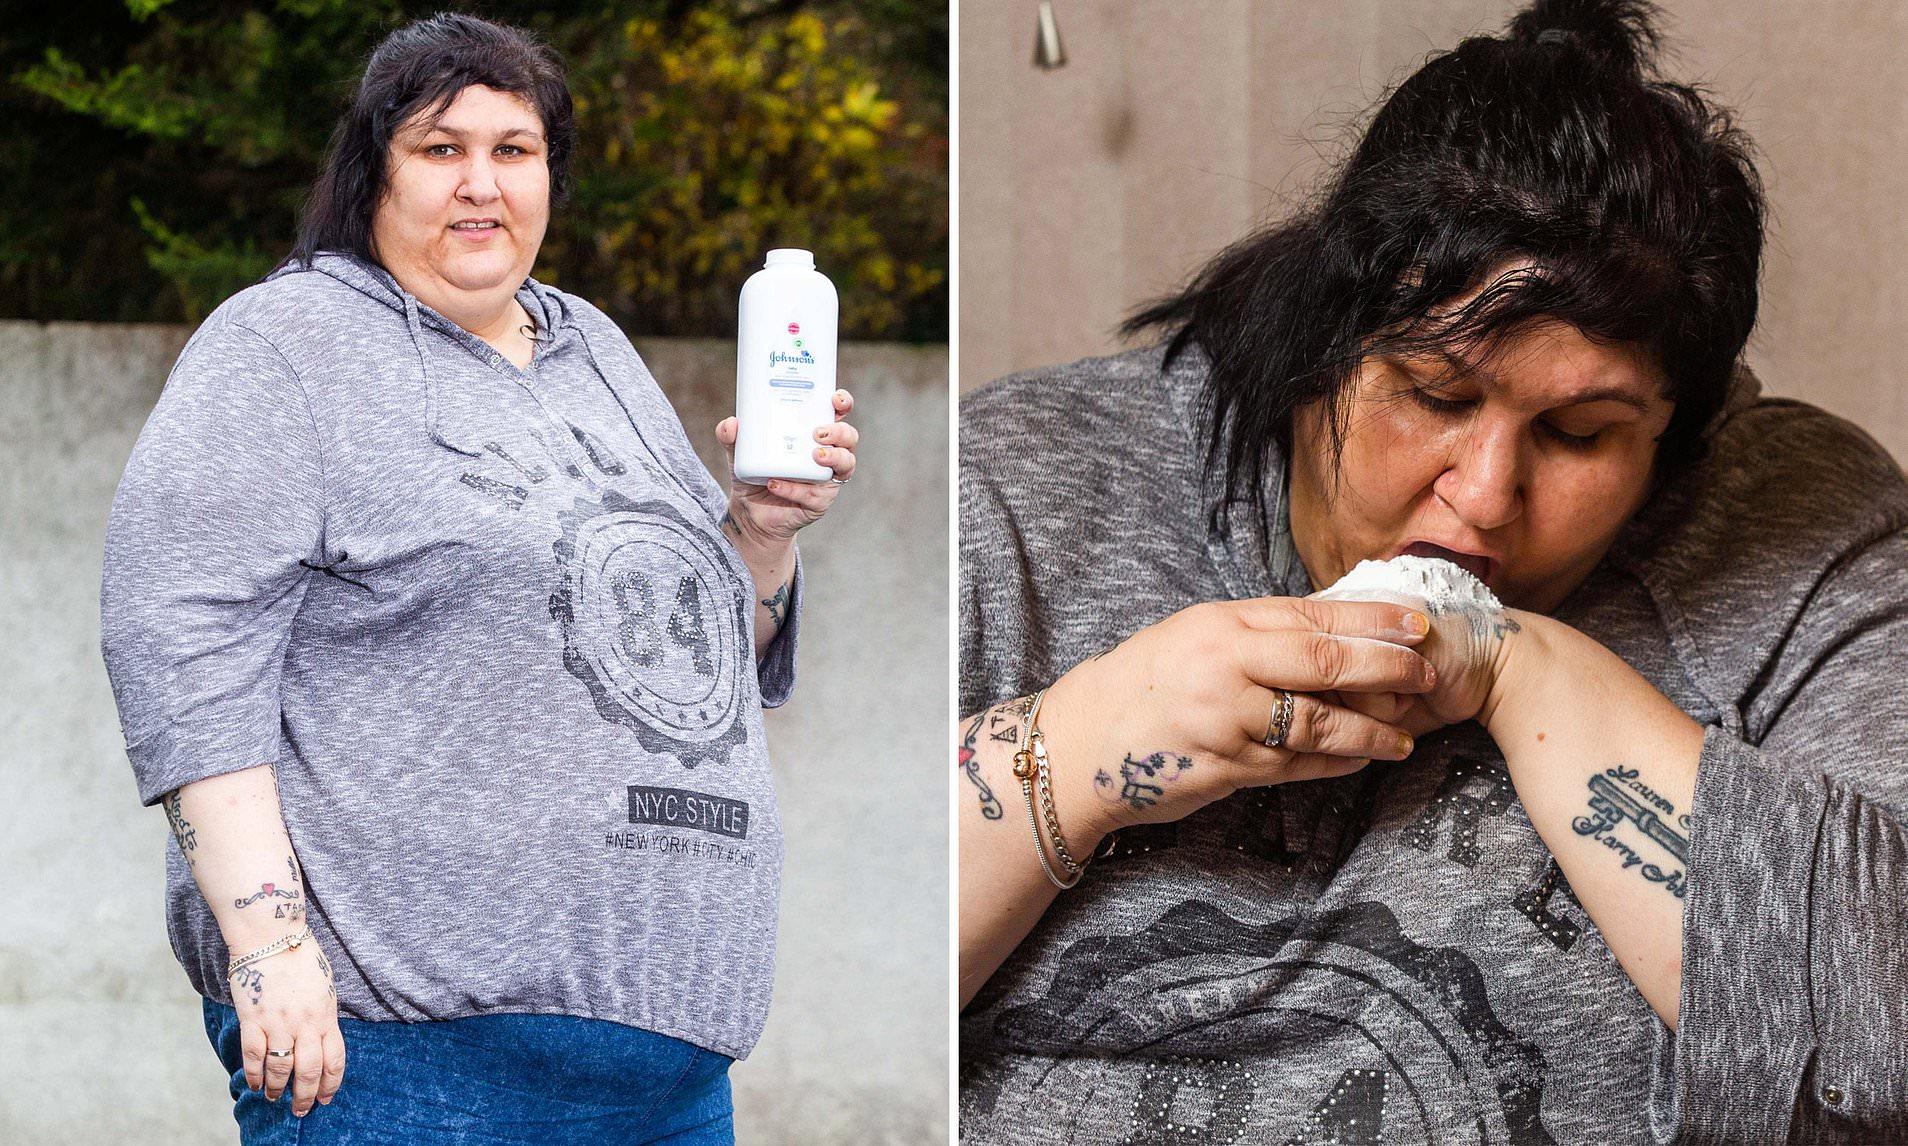 Atteinte du syndrome de Pica, cette femme est accro au talc